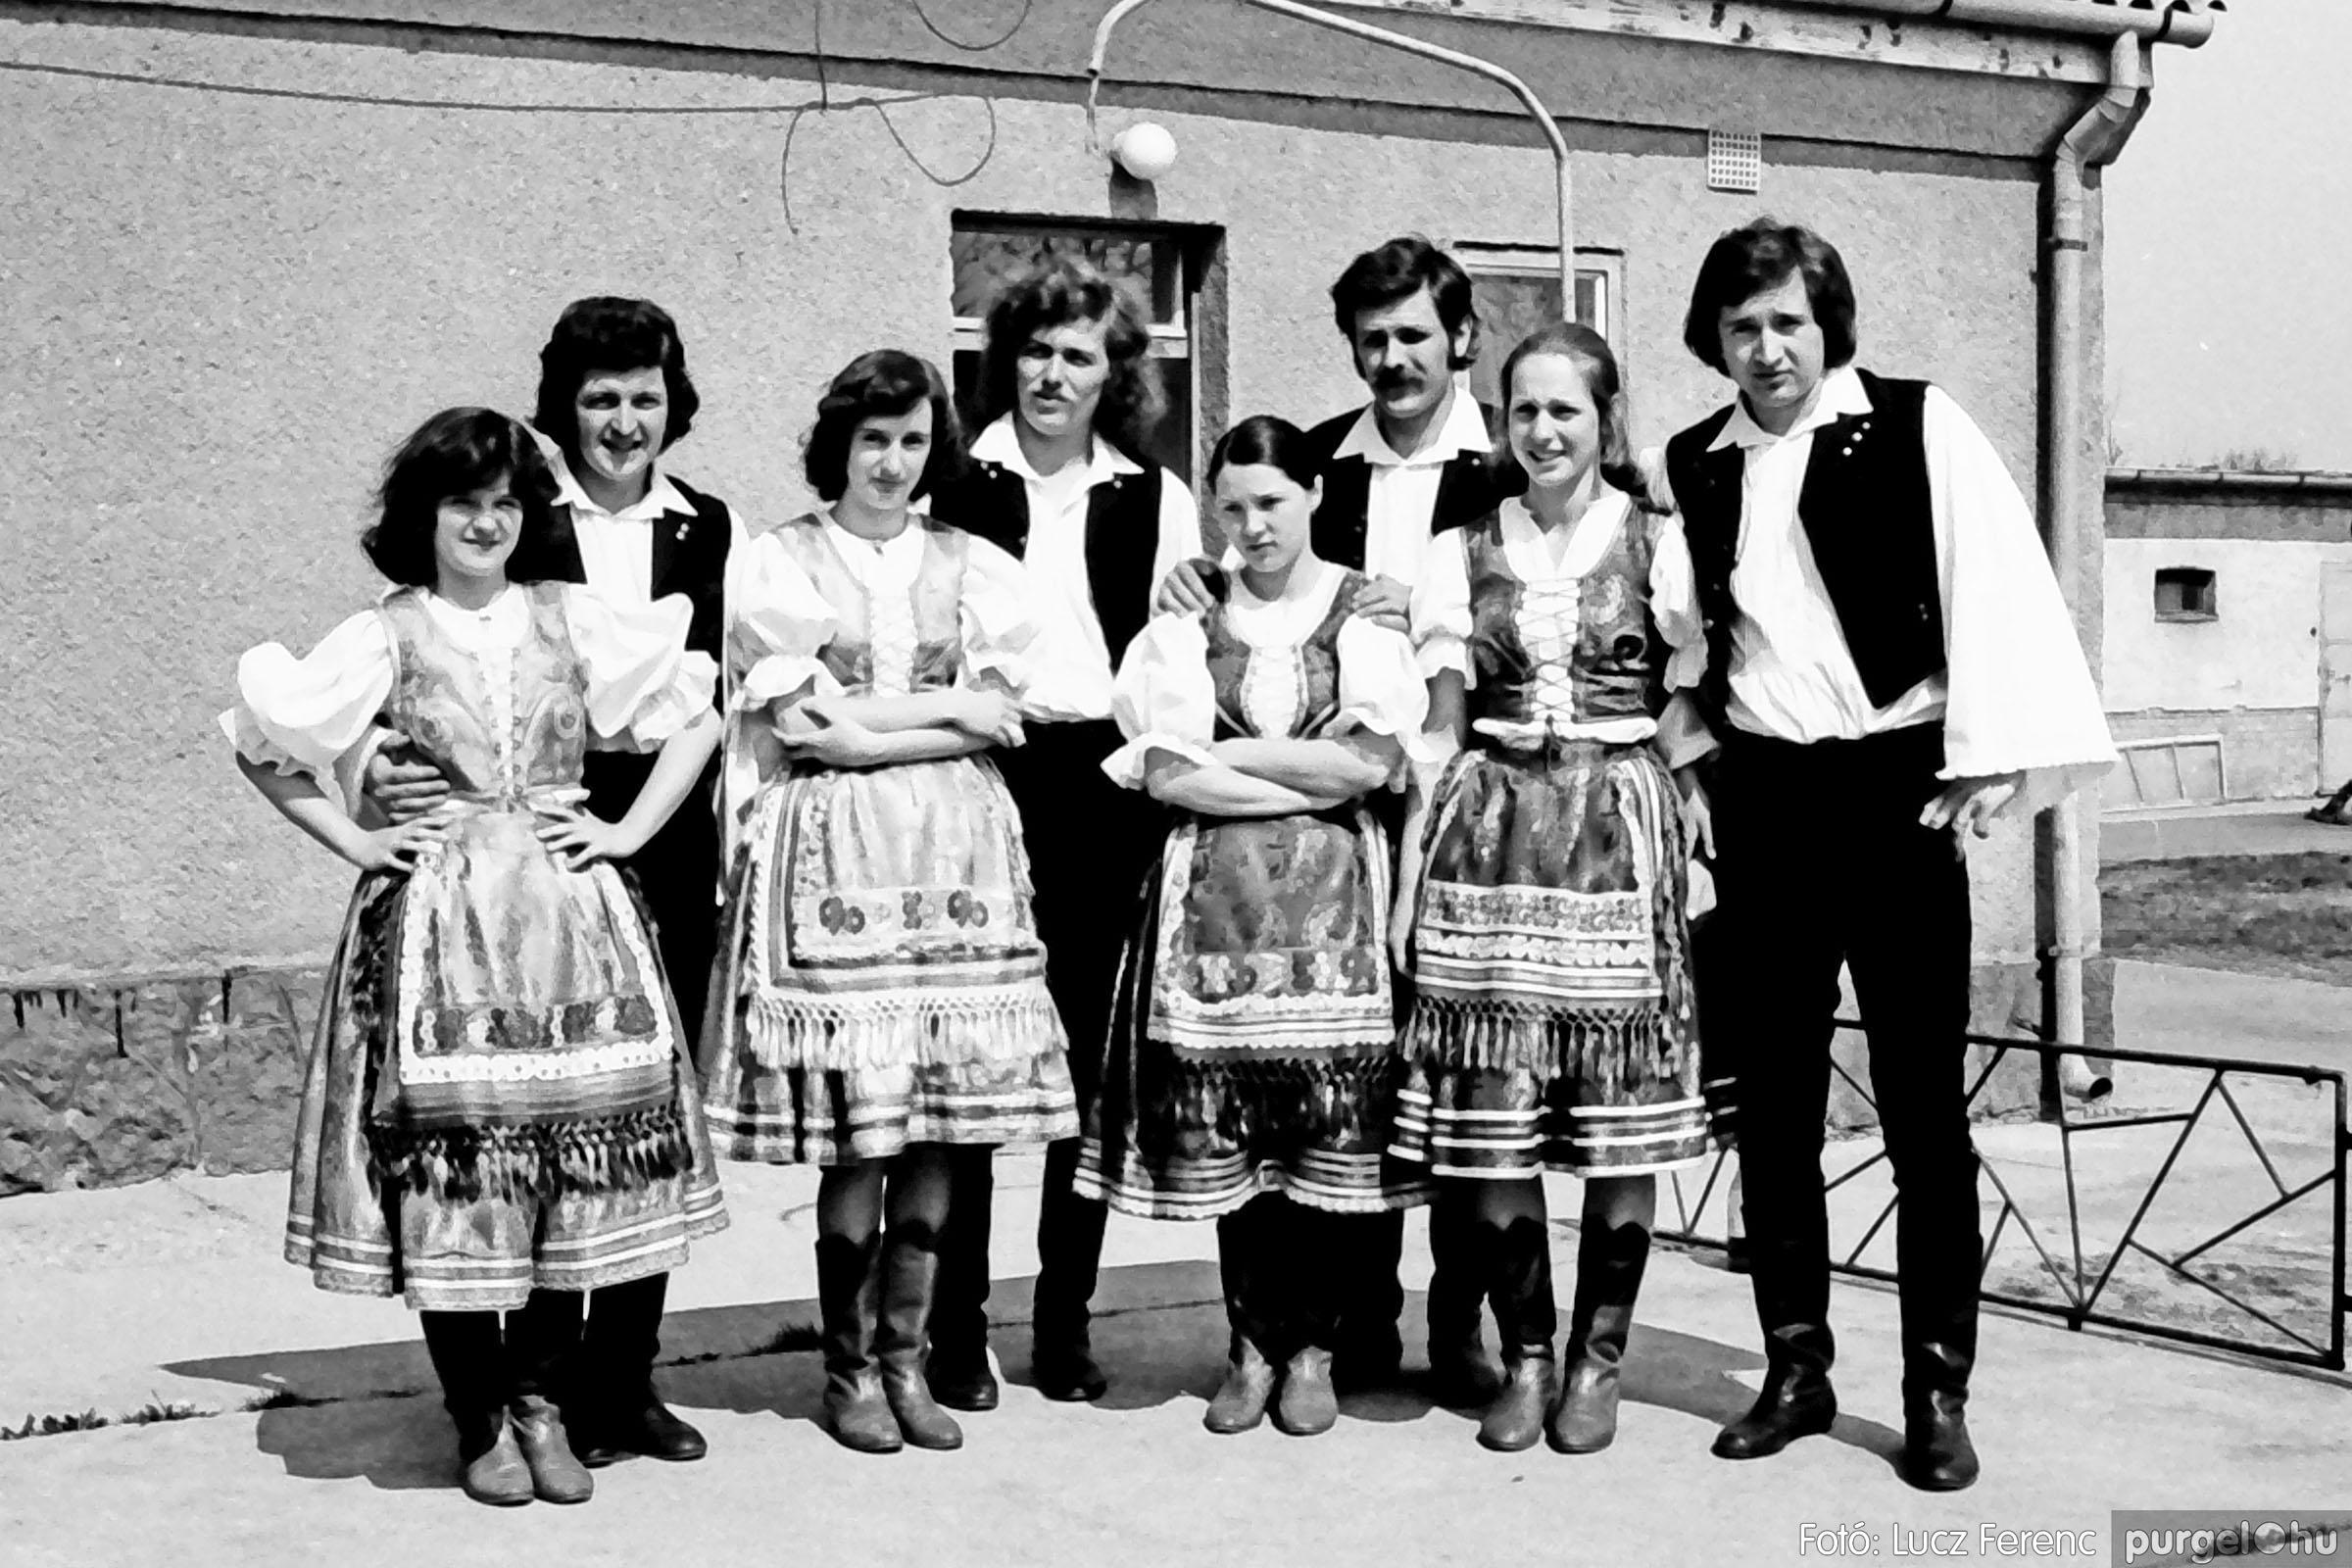 039. 1976.04.04. Április 4-i ünnepség a kultúrházban 034. - Fotó: Lucz Ferenc.jpg